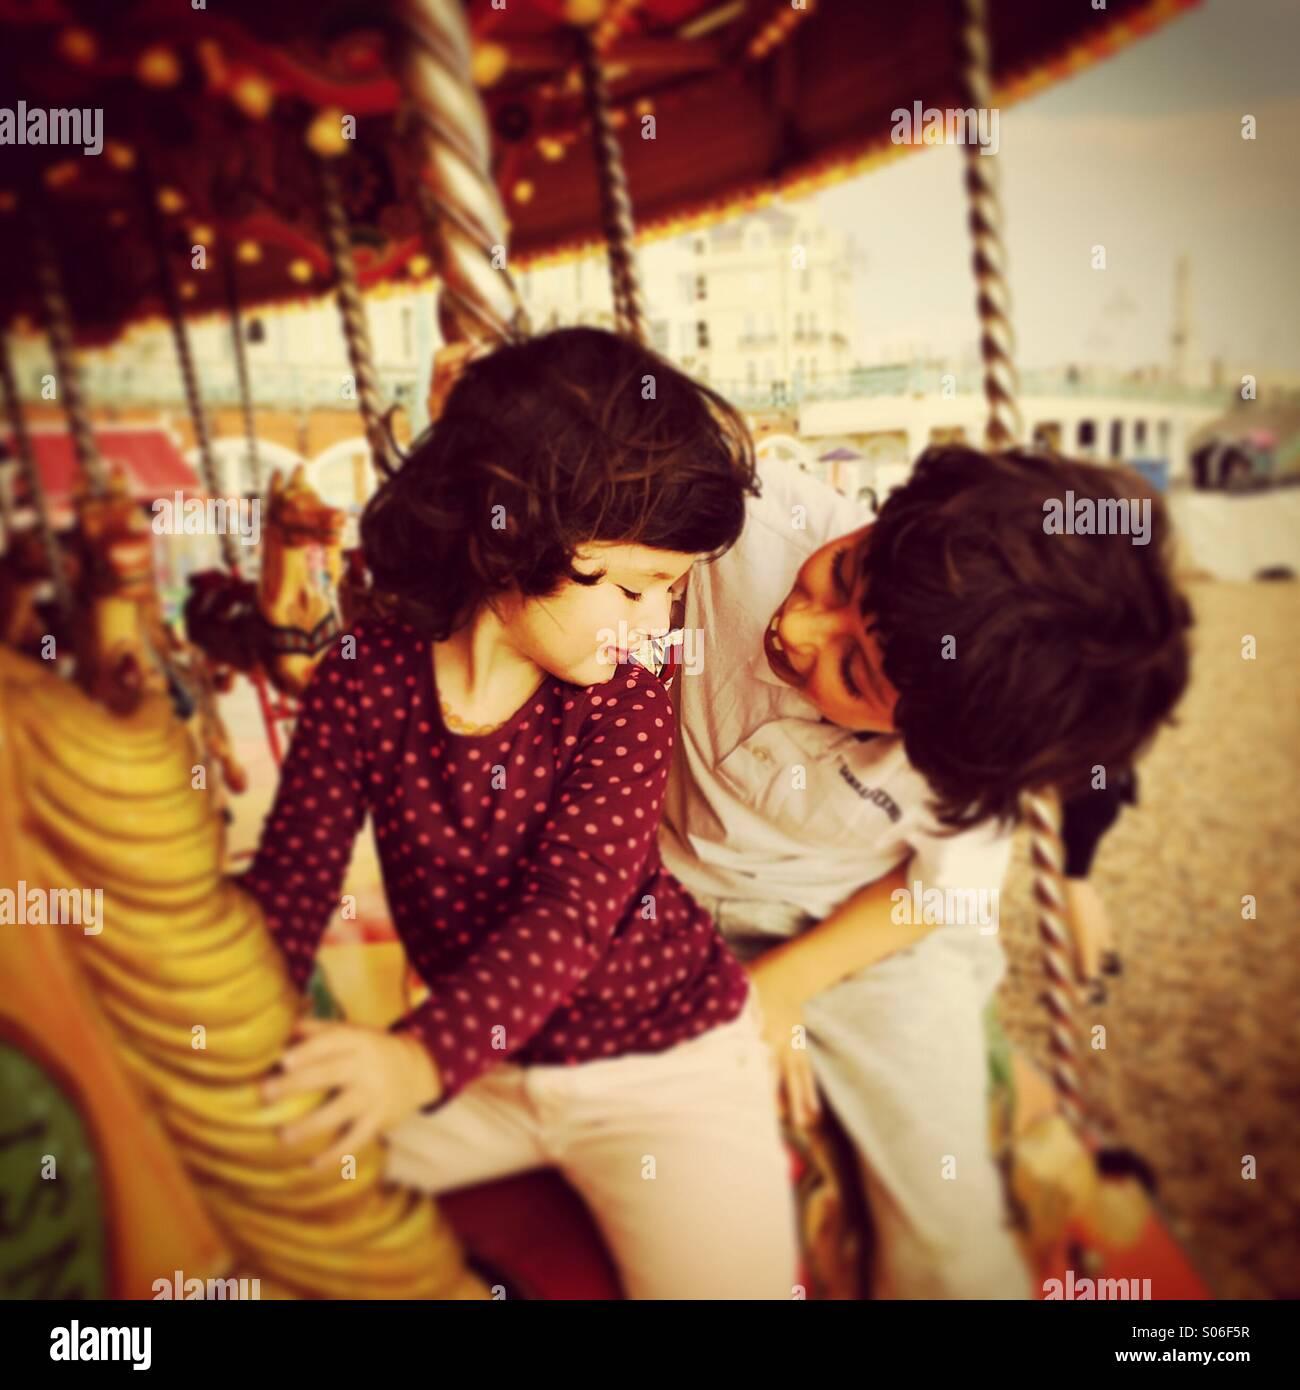 Bruder und Schwester, die Spaß auf einem Karussell / Karussell in Brighton, England Stockbild